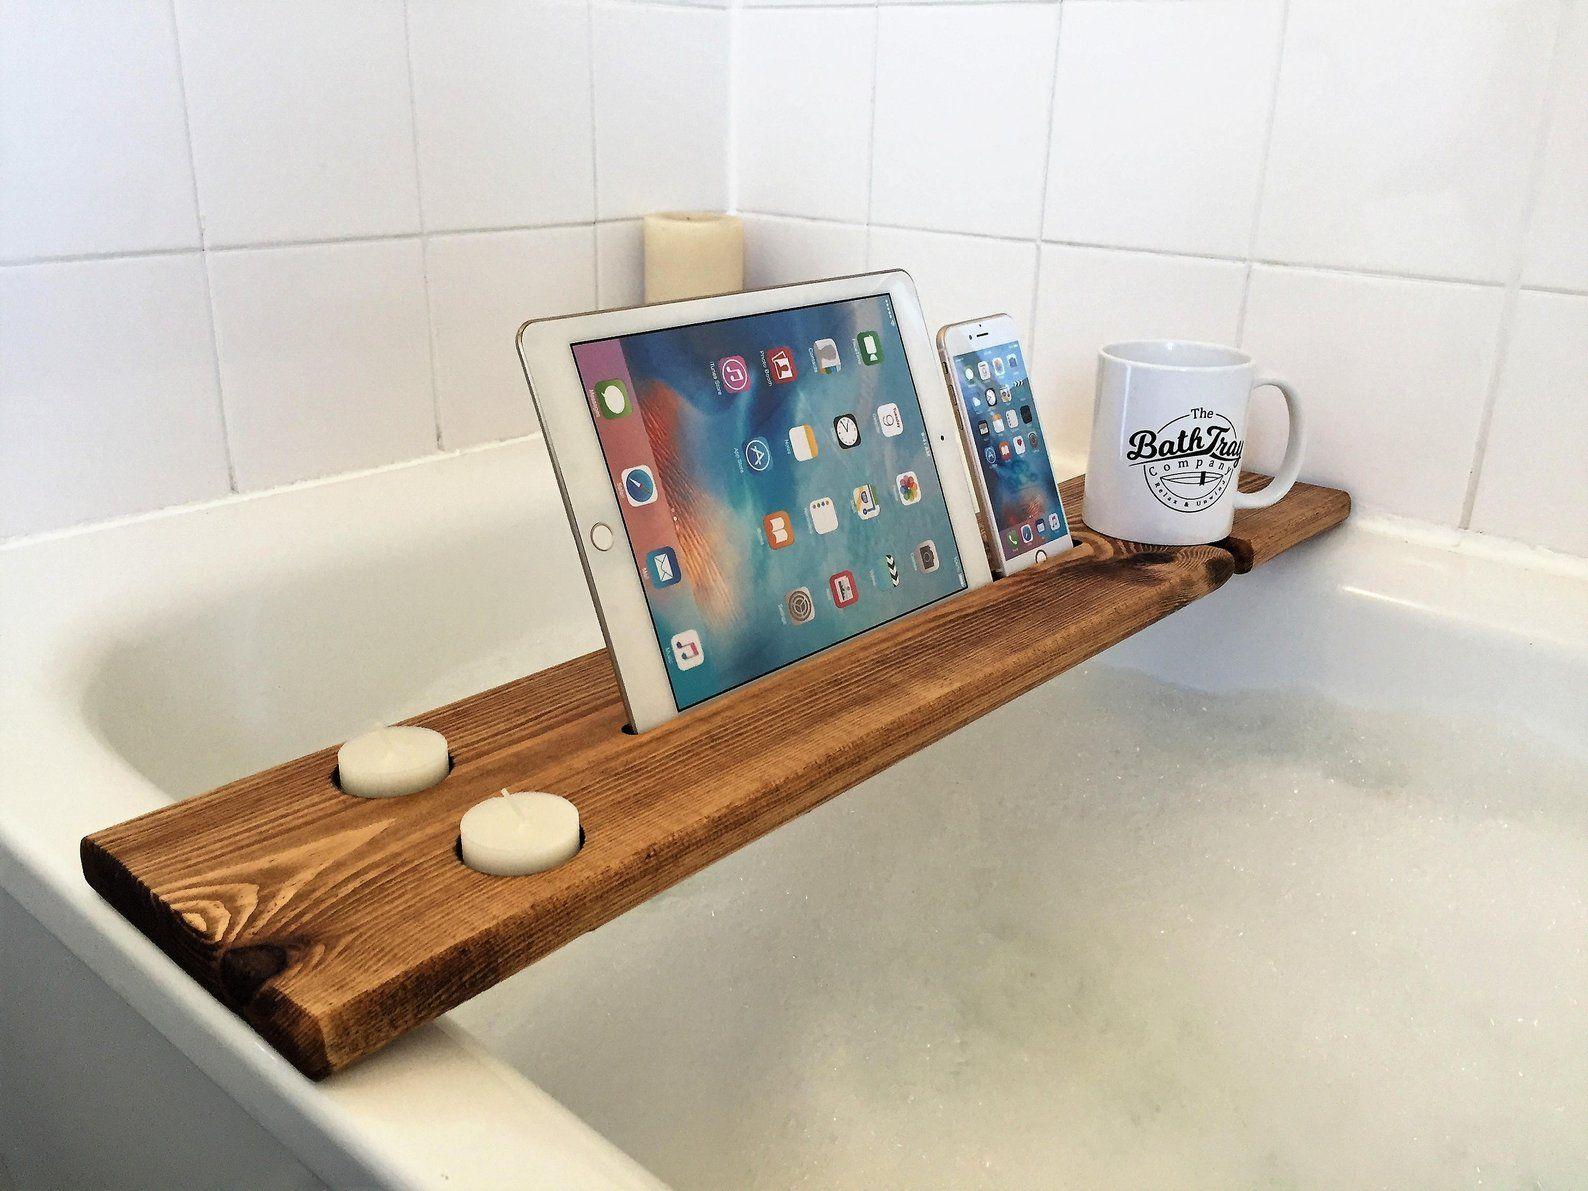 Wooden Bath Caddy Tray Reclaimed Solid Wood Bath Shelf Wine Etsy Badewanne Ablage Badeprodukte Badewanne